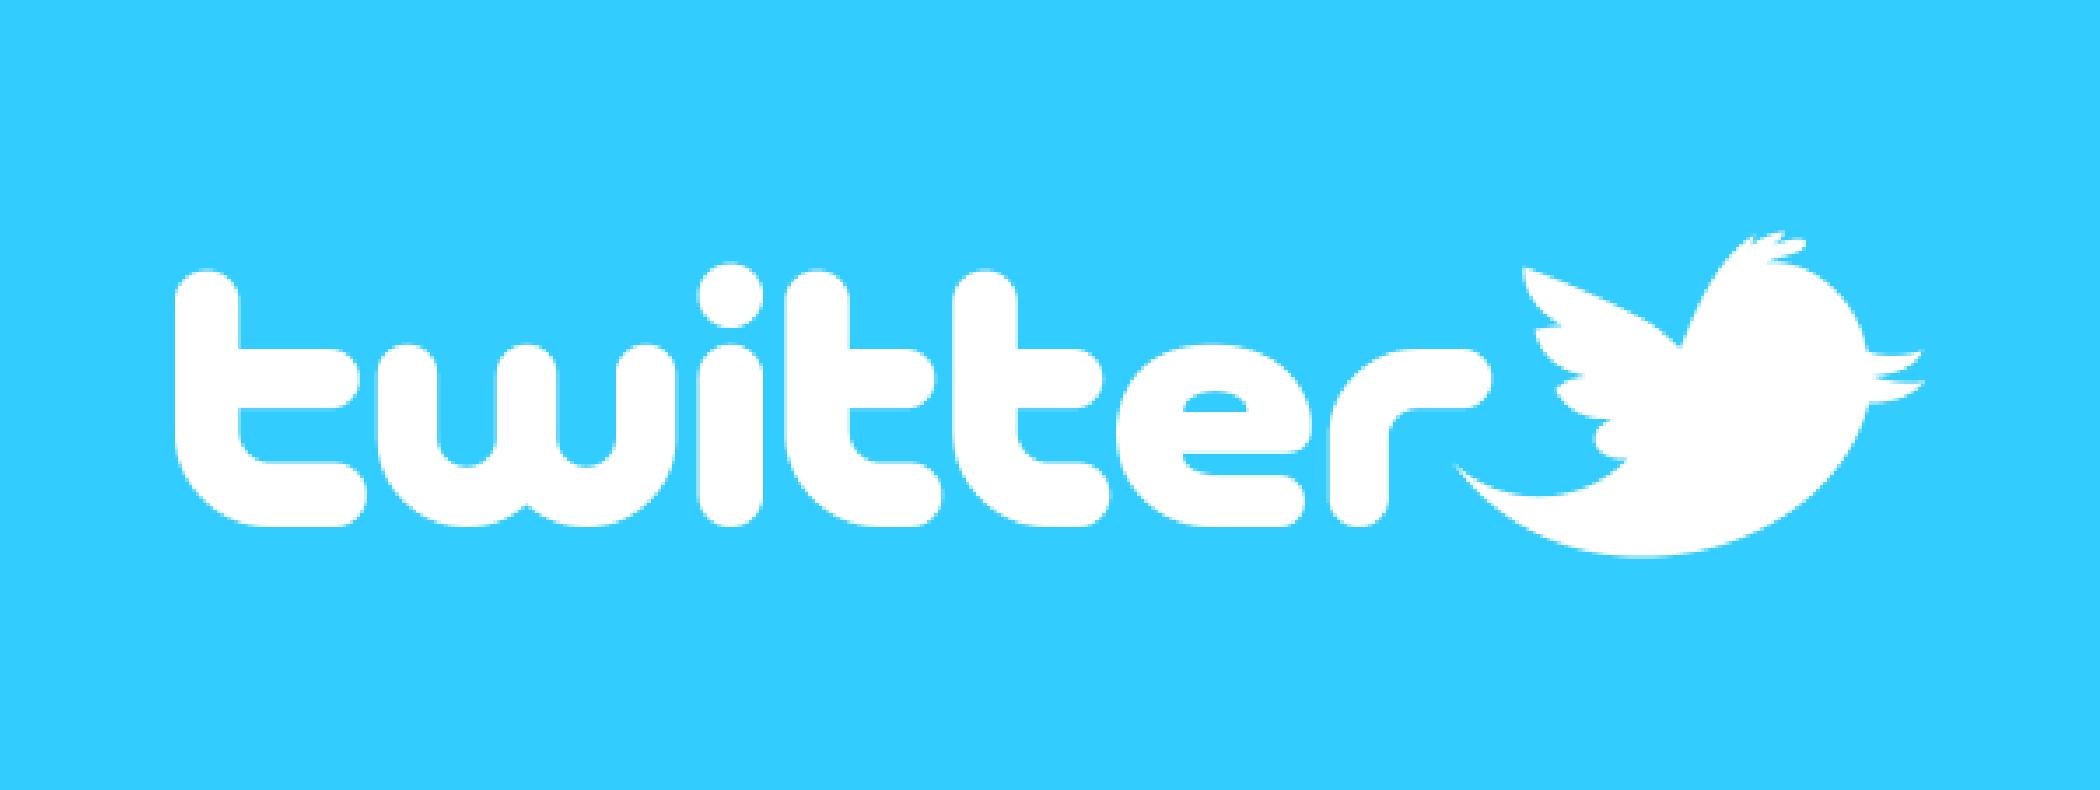 Risultato immagini per twitter logo